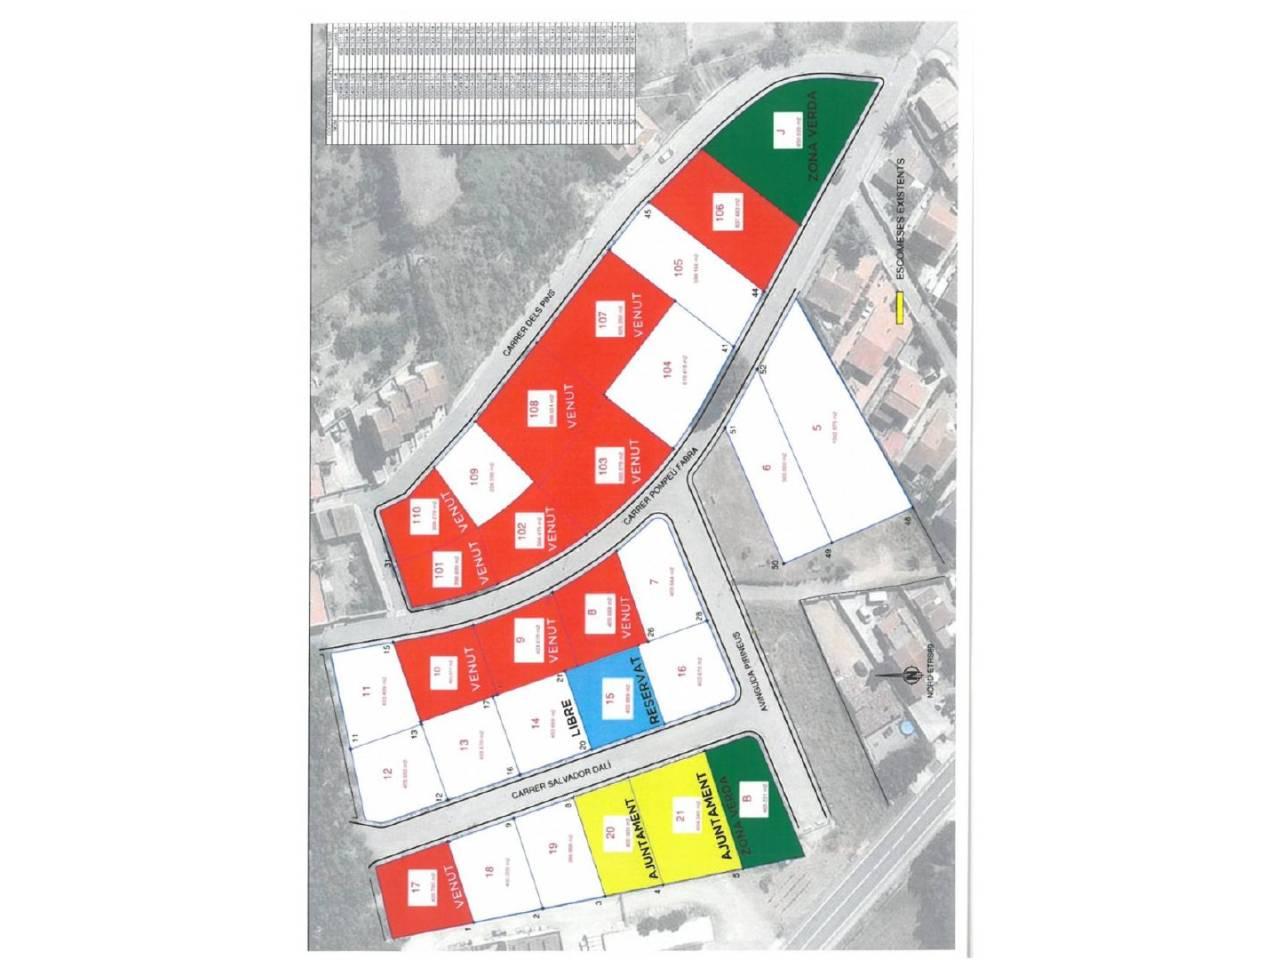 006047 - GARRIGUELLA Buildings Plots